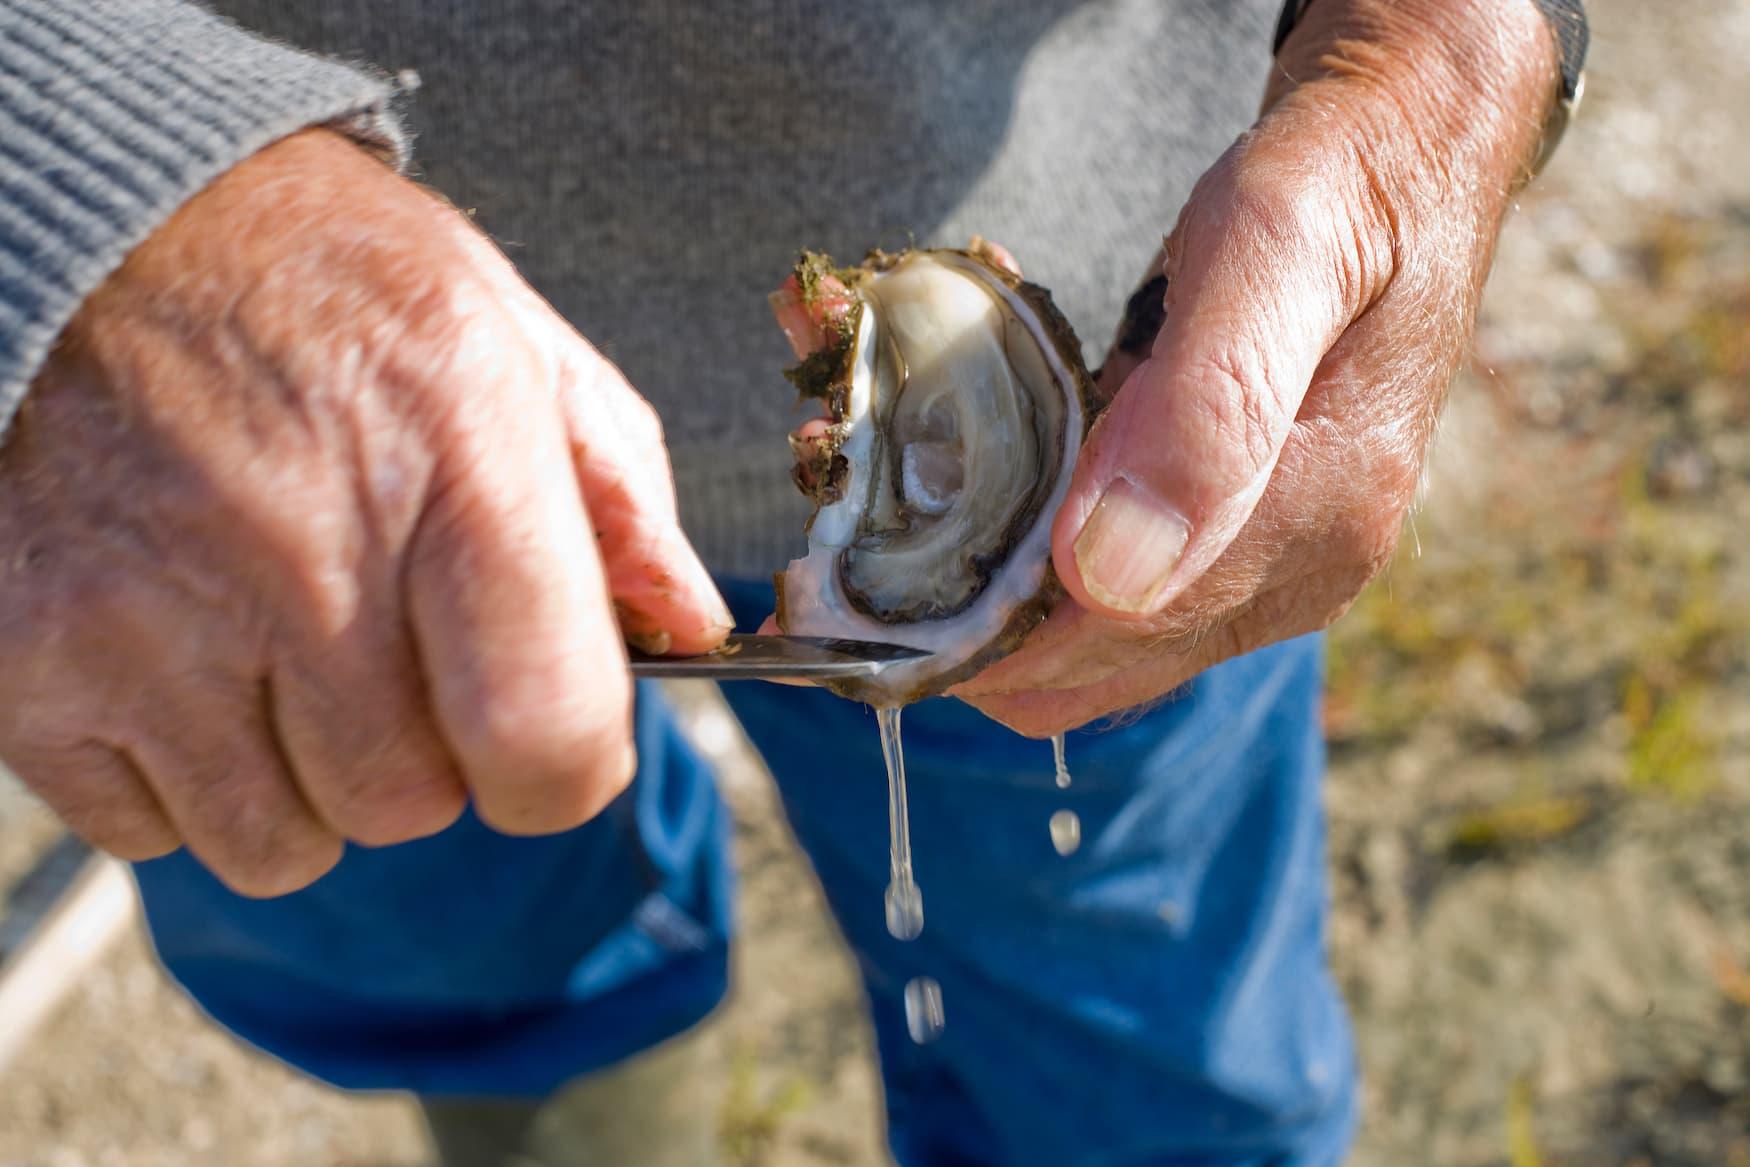 Mann öffnet Austern mit Messer